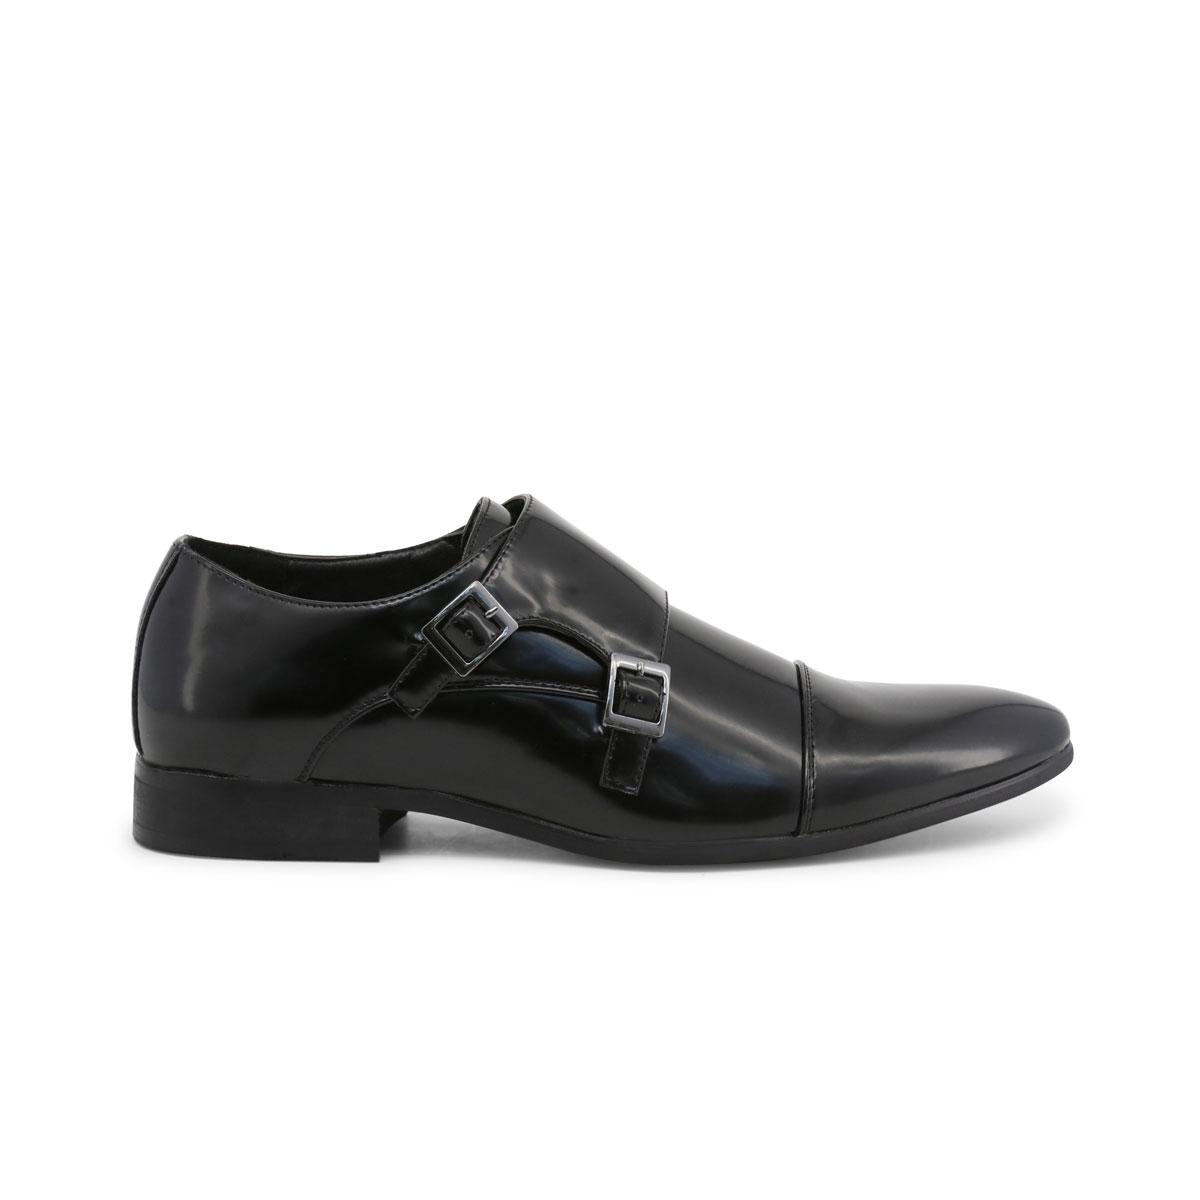 Scarpe-basse-Duca-di-Morrone-JAMES-Uomo-Nero-82355 miniatura 2